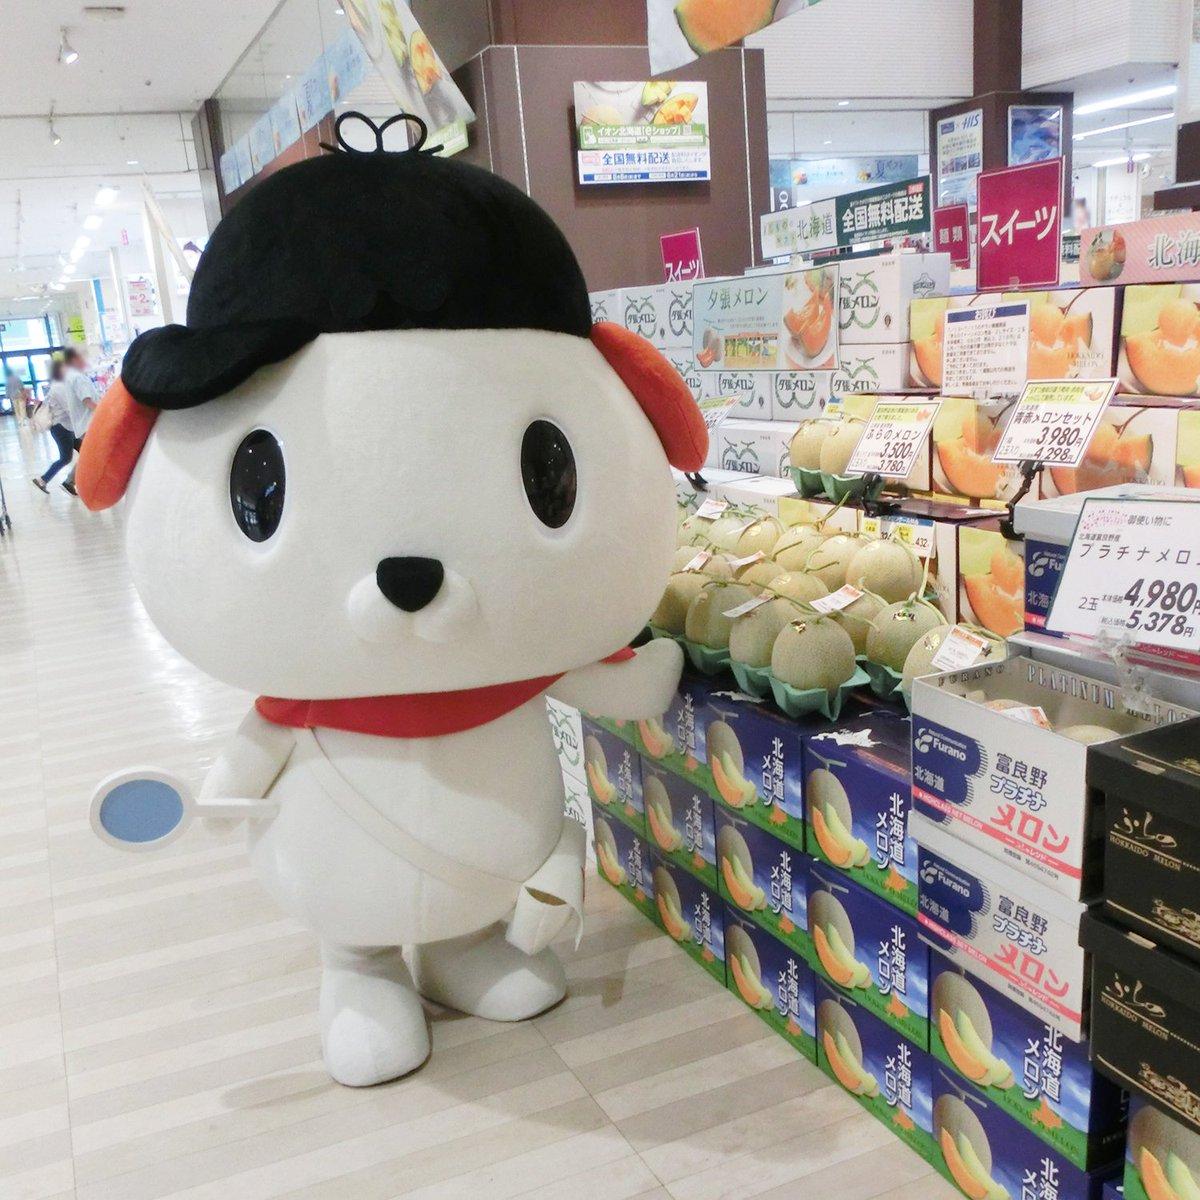 test ツイッターメディア - ☆ #はっ犬ワンドゥ冒険にっき ☆ 7月15日(日)イオン東札幌店に、 #はっ犬ワンドゥ が冒険にいきました! 会いに来てくれたみんな、ありがとうございました★ 北海道といえばメロン!美味しそうなメロンをたくさんはっけんしたみたい☆彡 次回の冒険もお楽しみに♪ #キャンドゥ #100均 https://t.co/BNtGj1qSuj